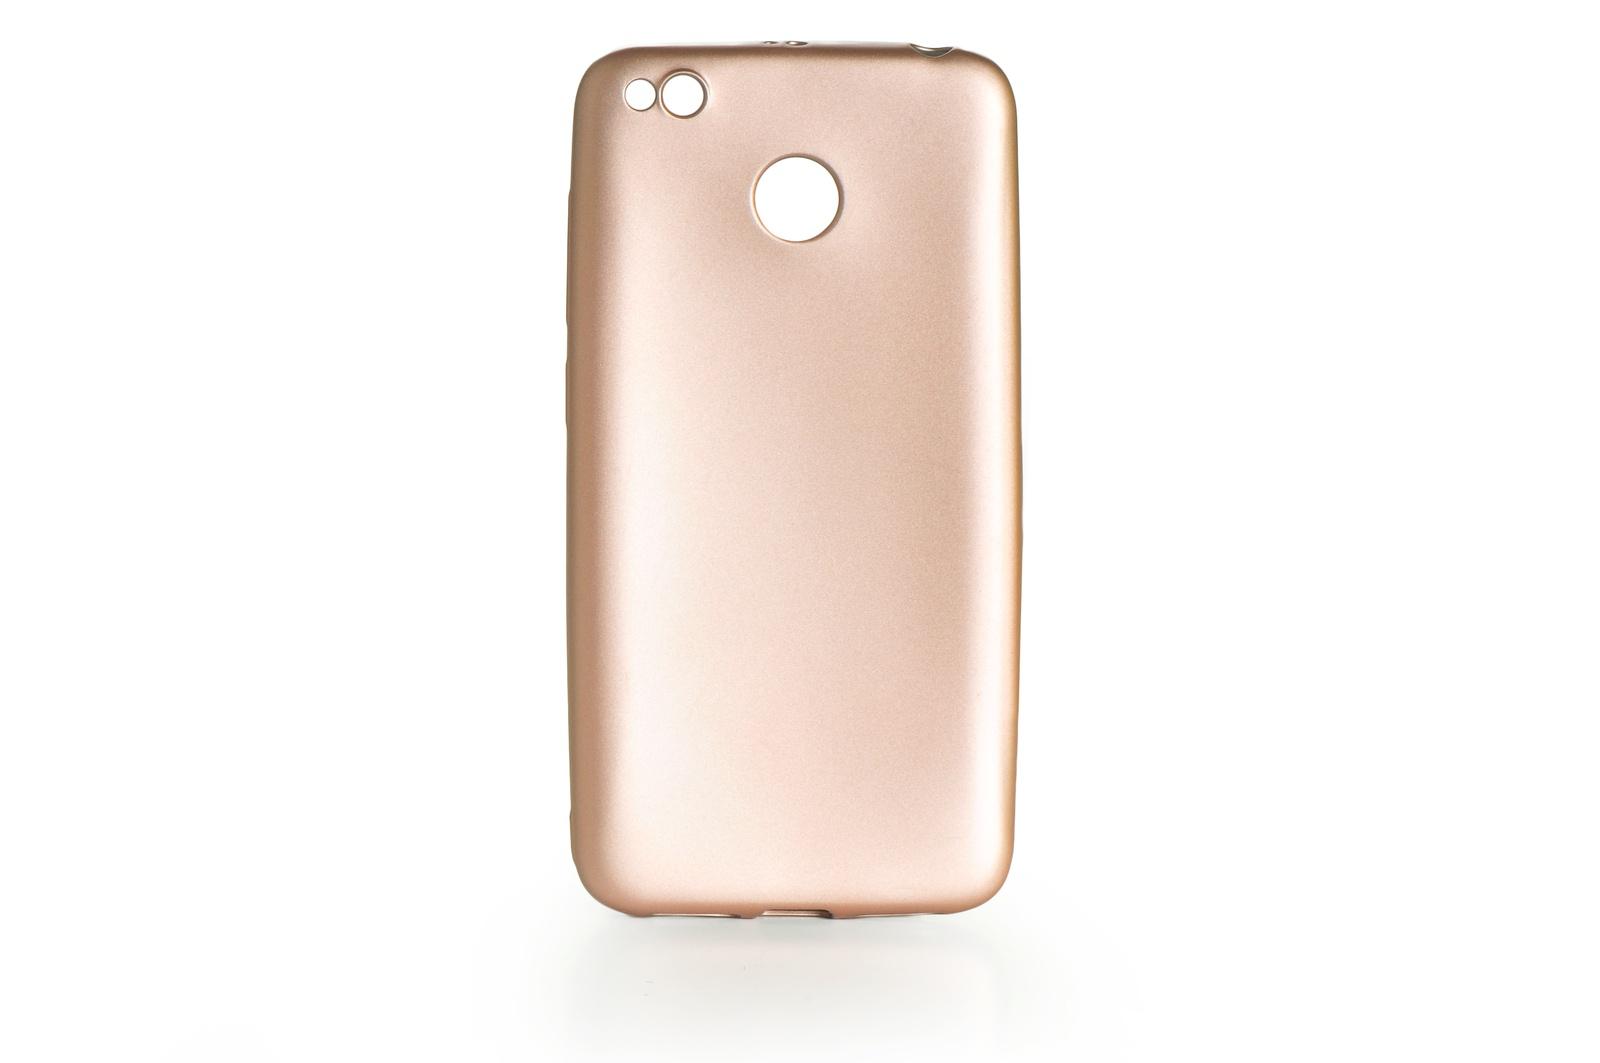 Чехол для сотового телефона Gurdini силикон Soft Touch для Xiaomi Redmi 4X, 903853, золотой